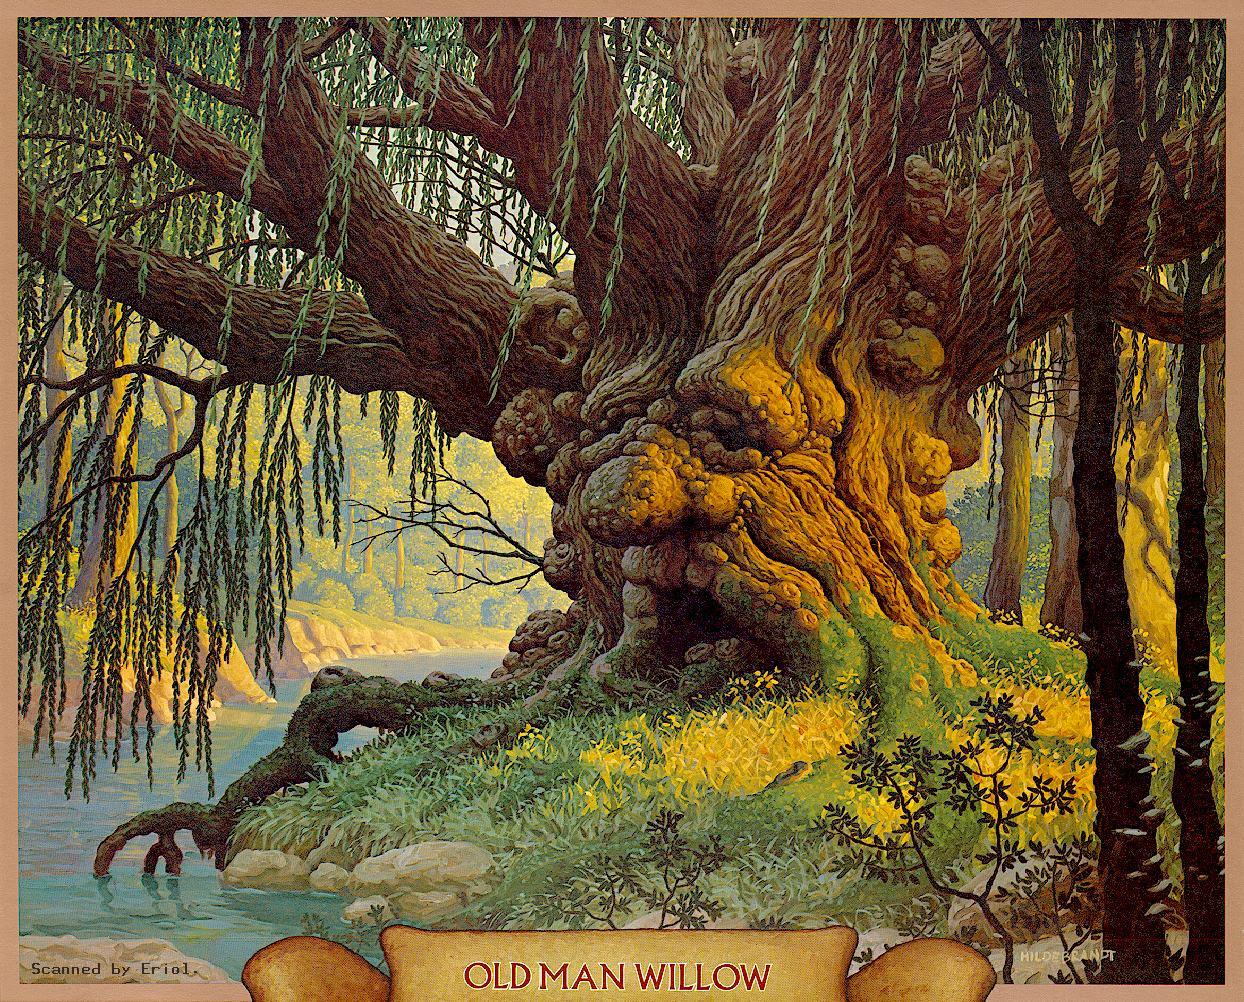 La Obra de Tolkien, de la mano de los Hildebrandt.